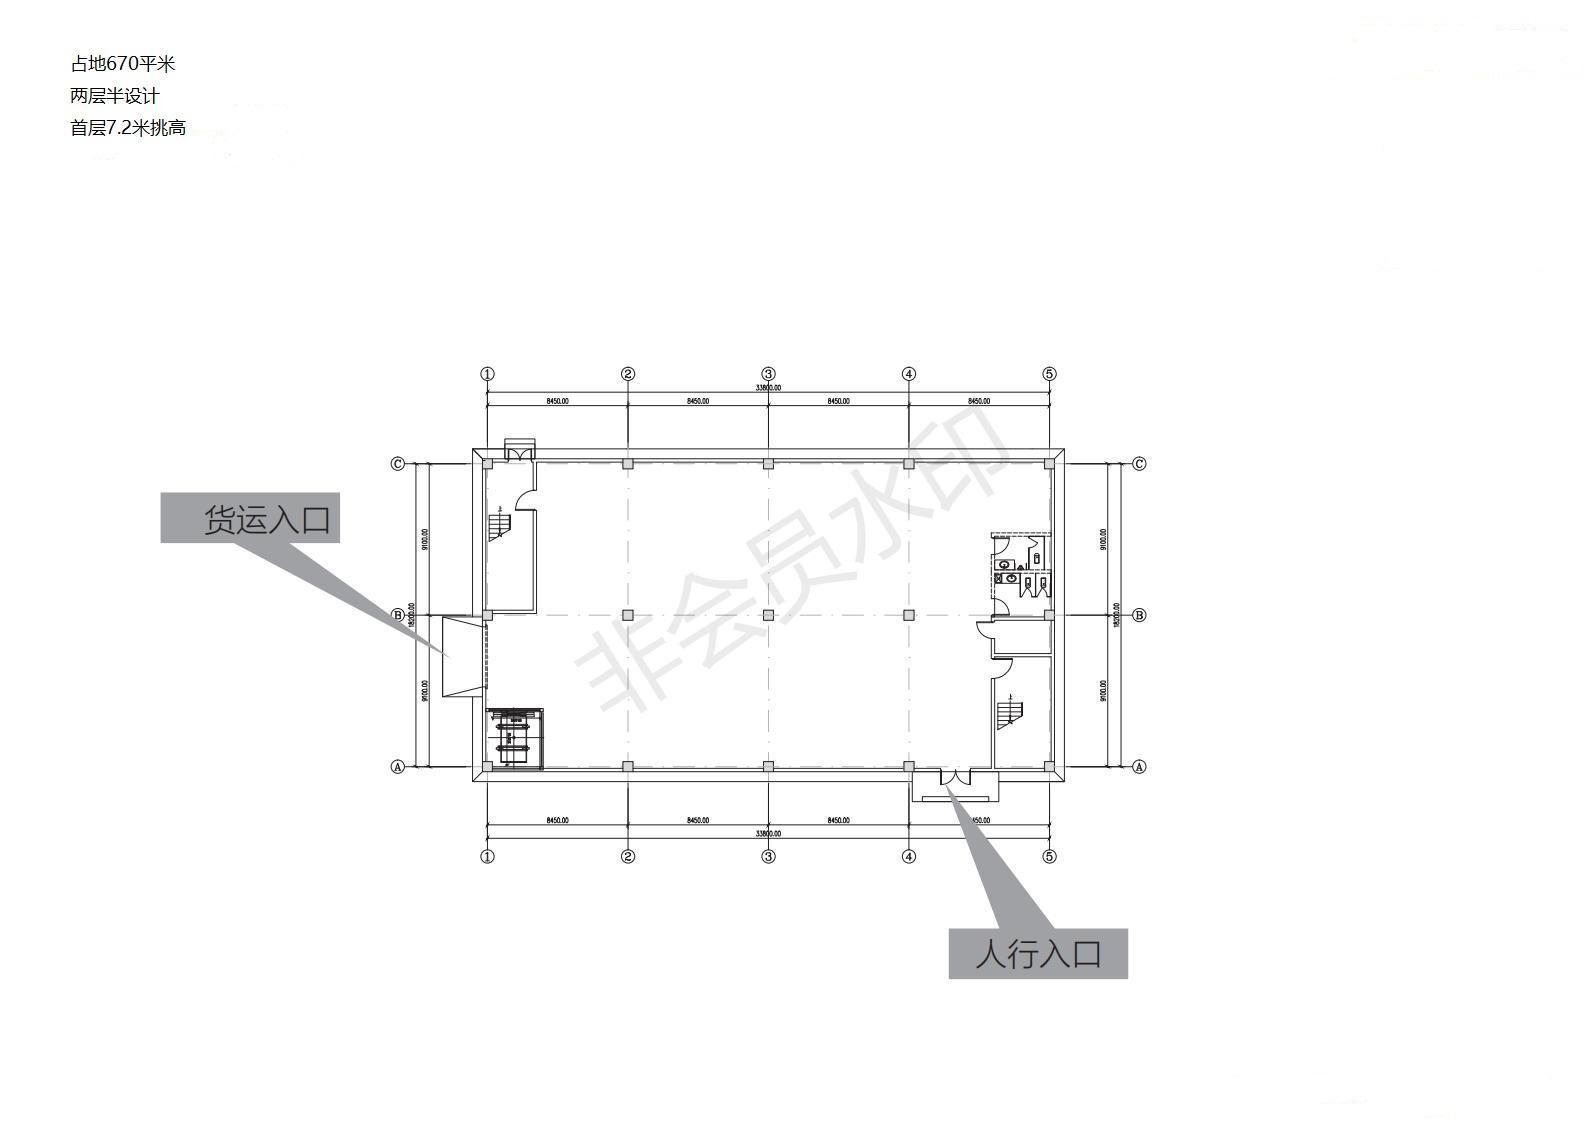 重庆巴南界石园区独栋厂房出售2层半设计首层挑高7.2米可夹层-图2